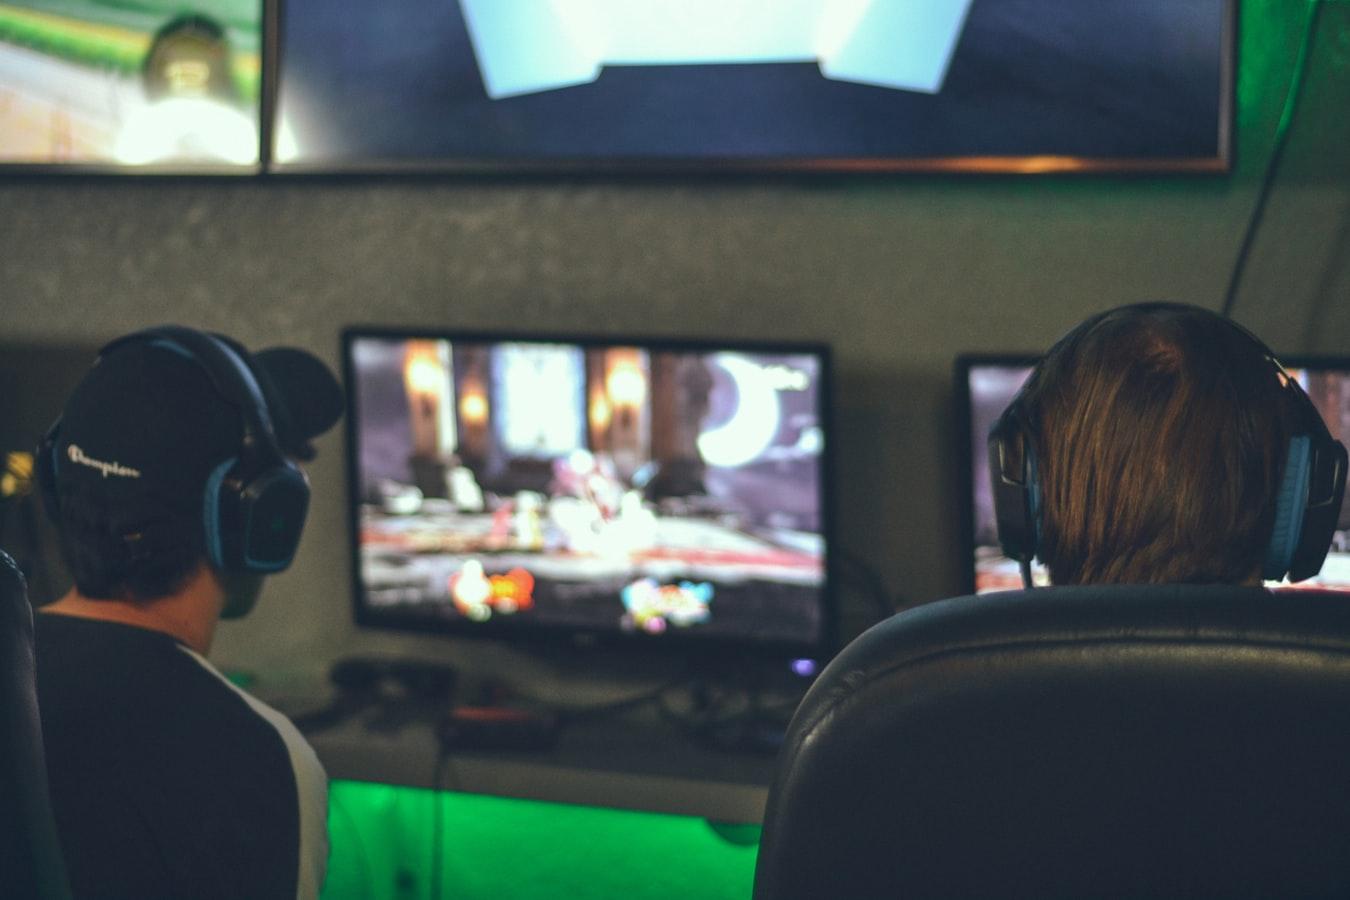 Eθισμός στα video games: Συχνά λάθη που κάνουν οι γονείς